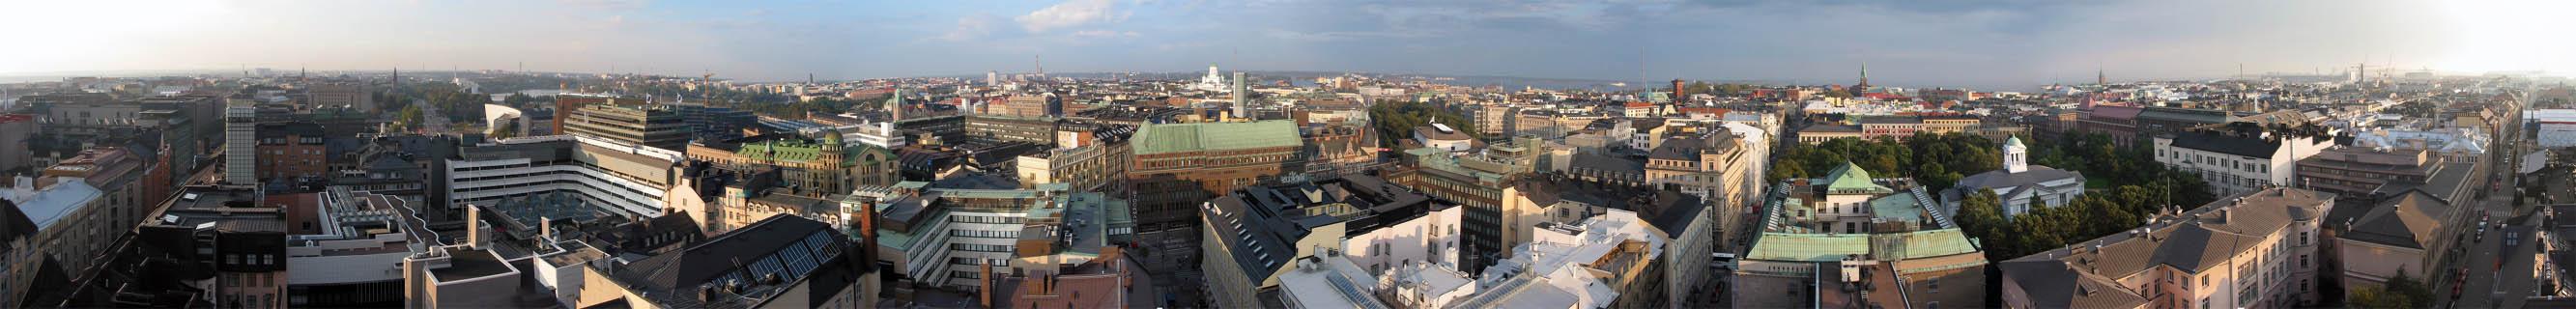 Ett panorama över Helsingsfors, fotograferat från hotell Torni